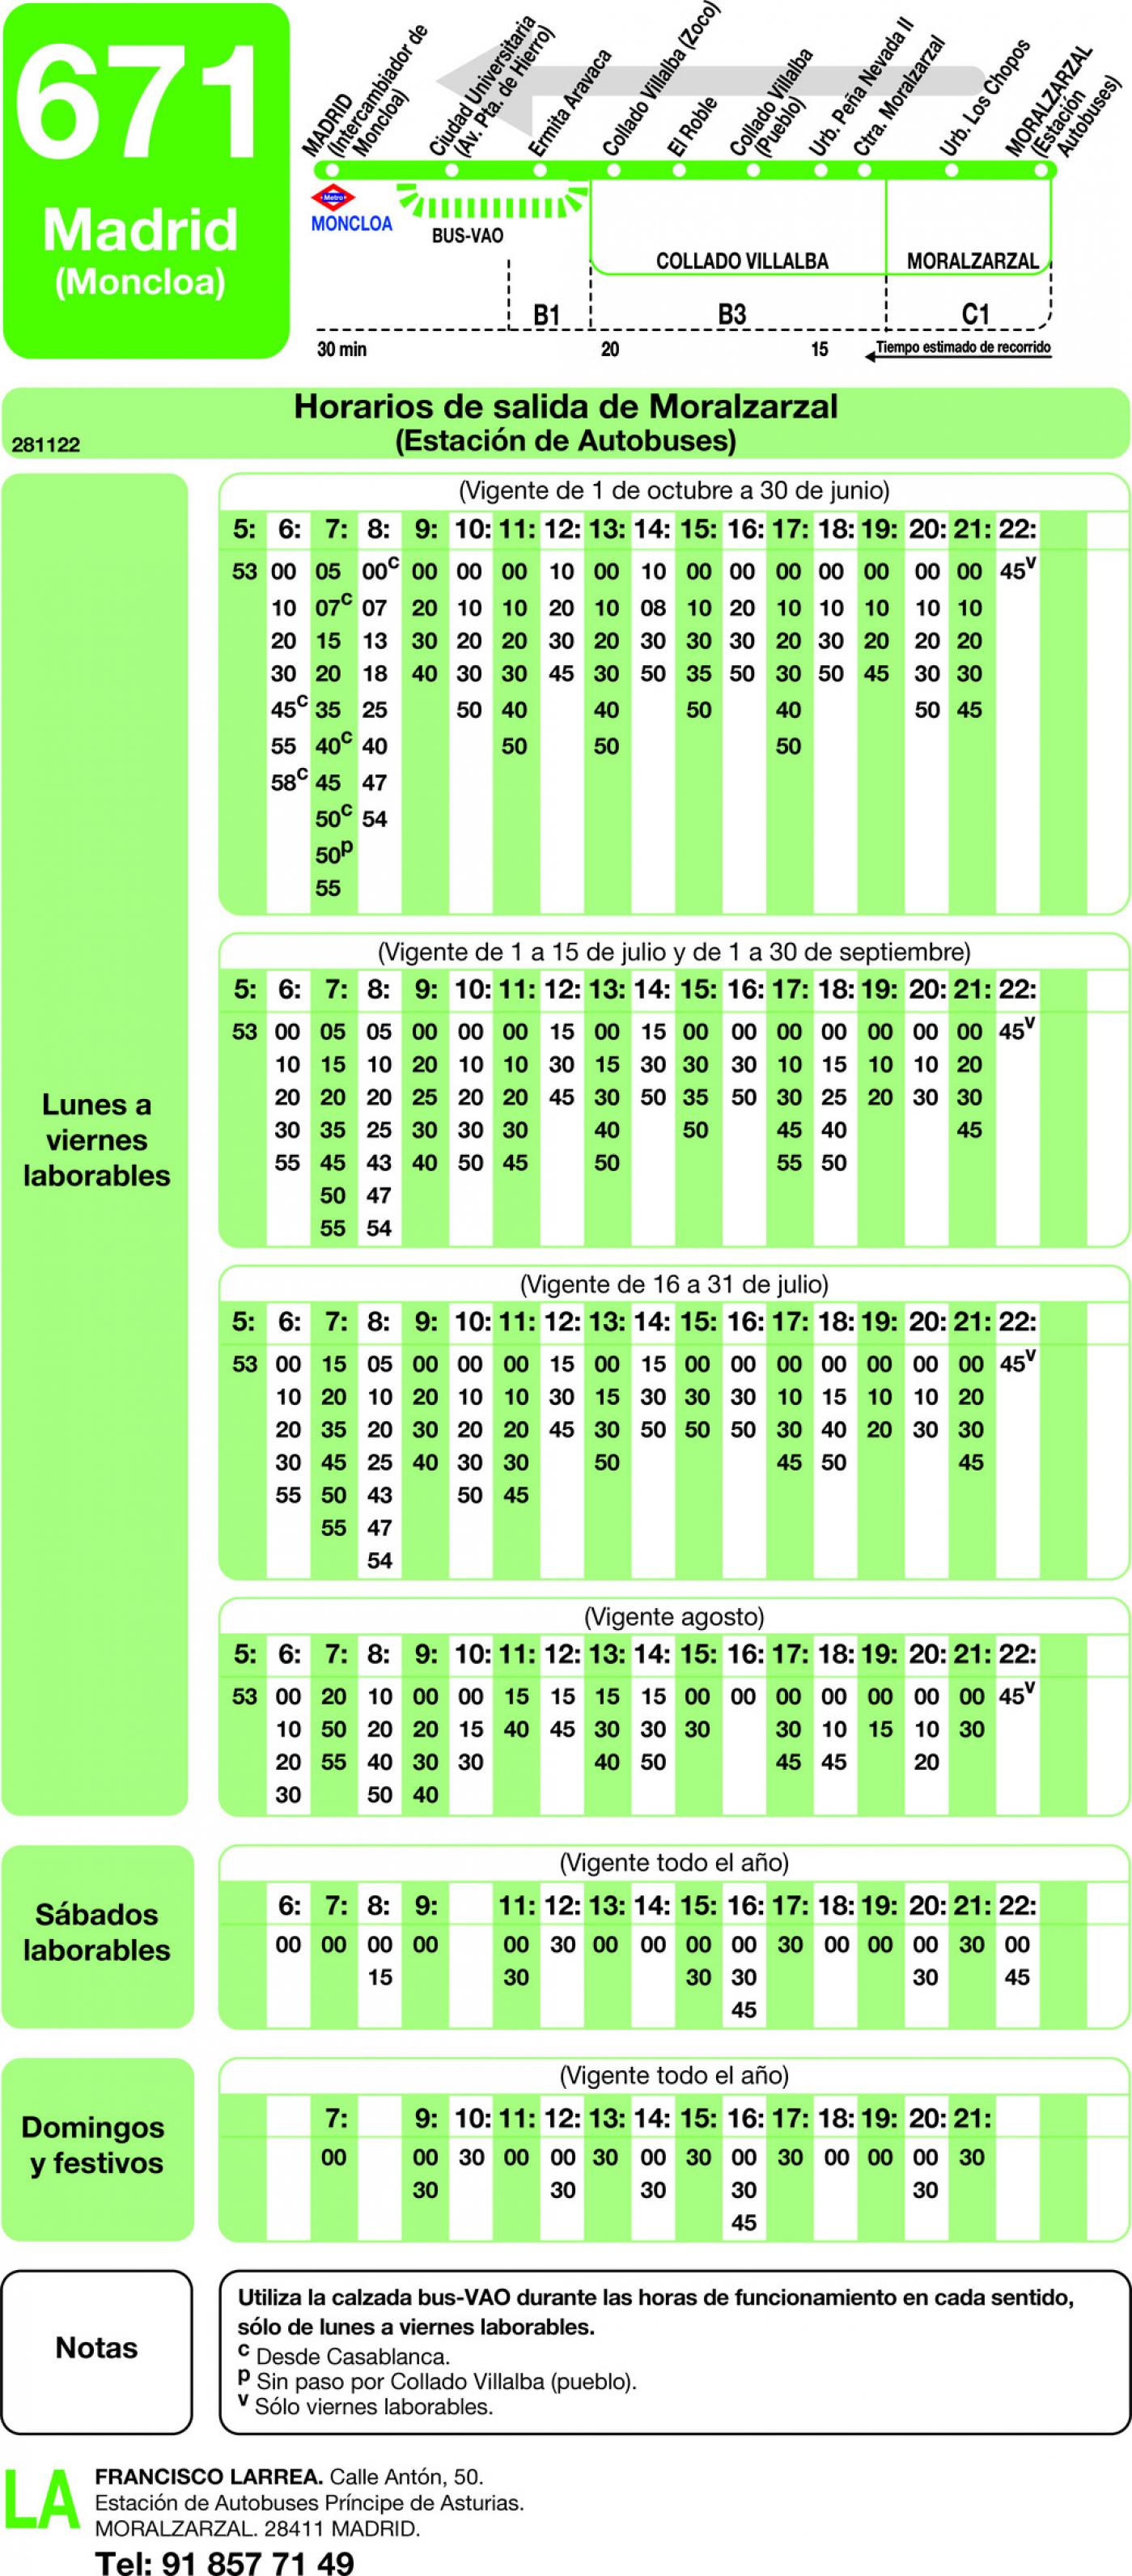 Tabla de horarios y frecuencias de paso en sentido vuelta Línea 671: Madrid (Moncloa) - Moralzarzal